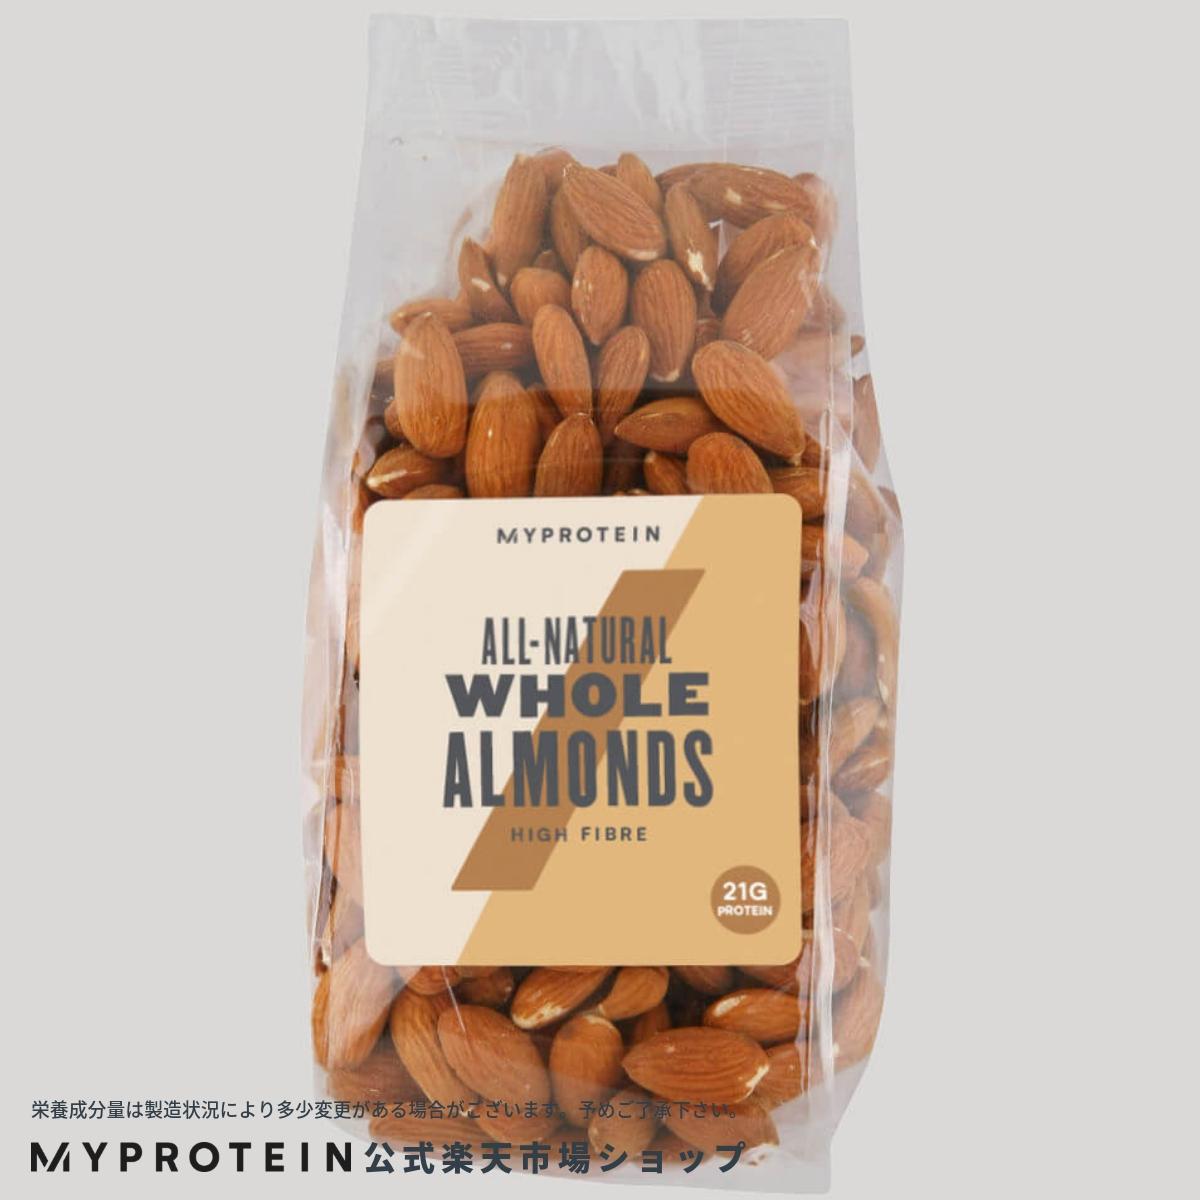 マイプロテイン 公式 【MyProtein】 アーモンド 400g| ナッツ ミックスナッツ 無添加 無塩【楽天海外直送】